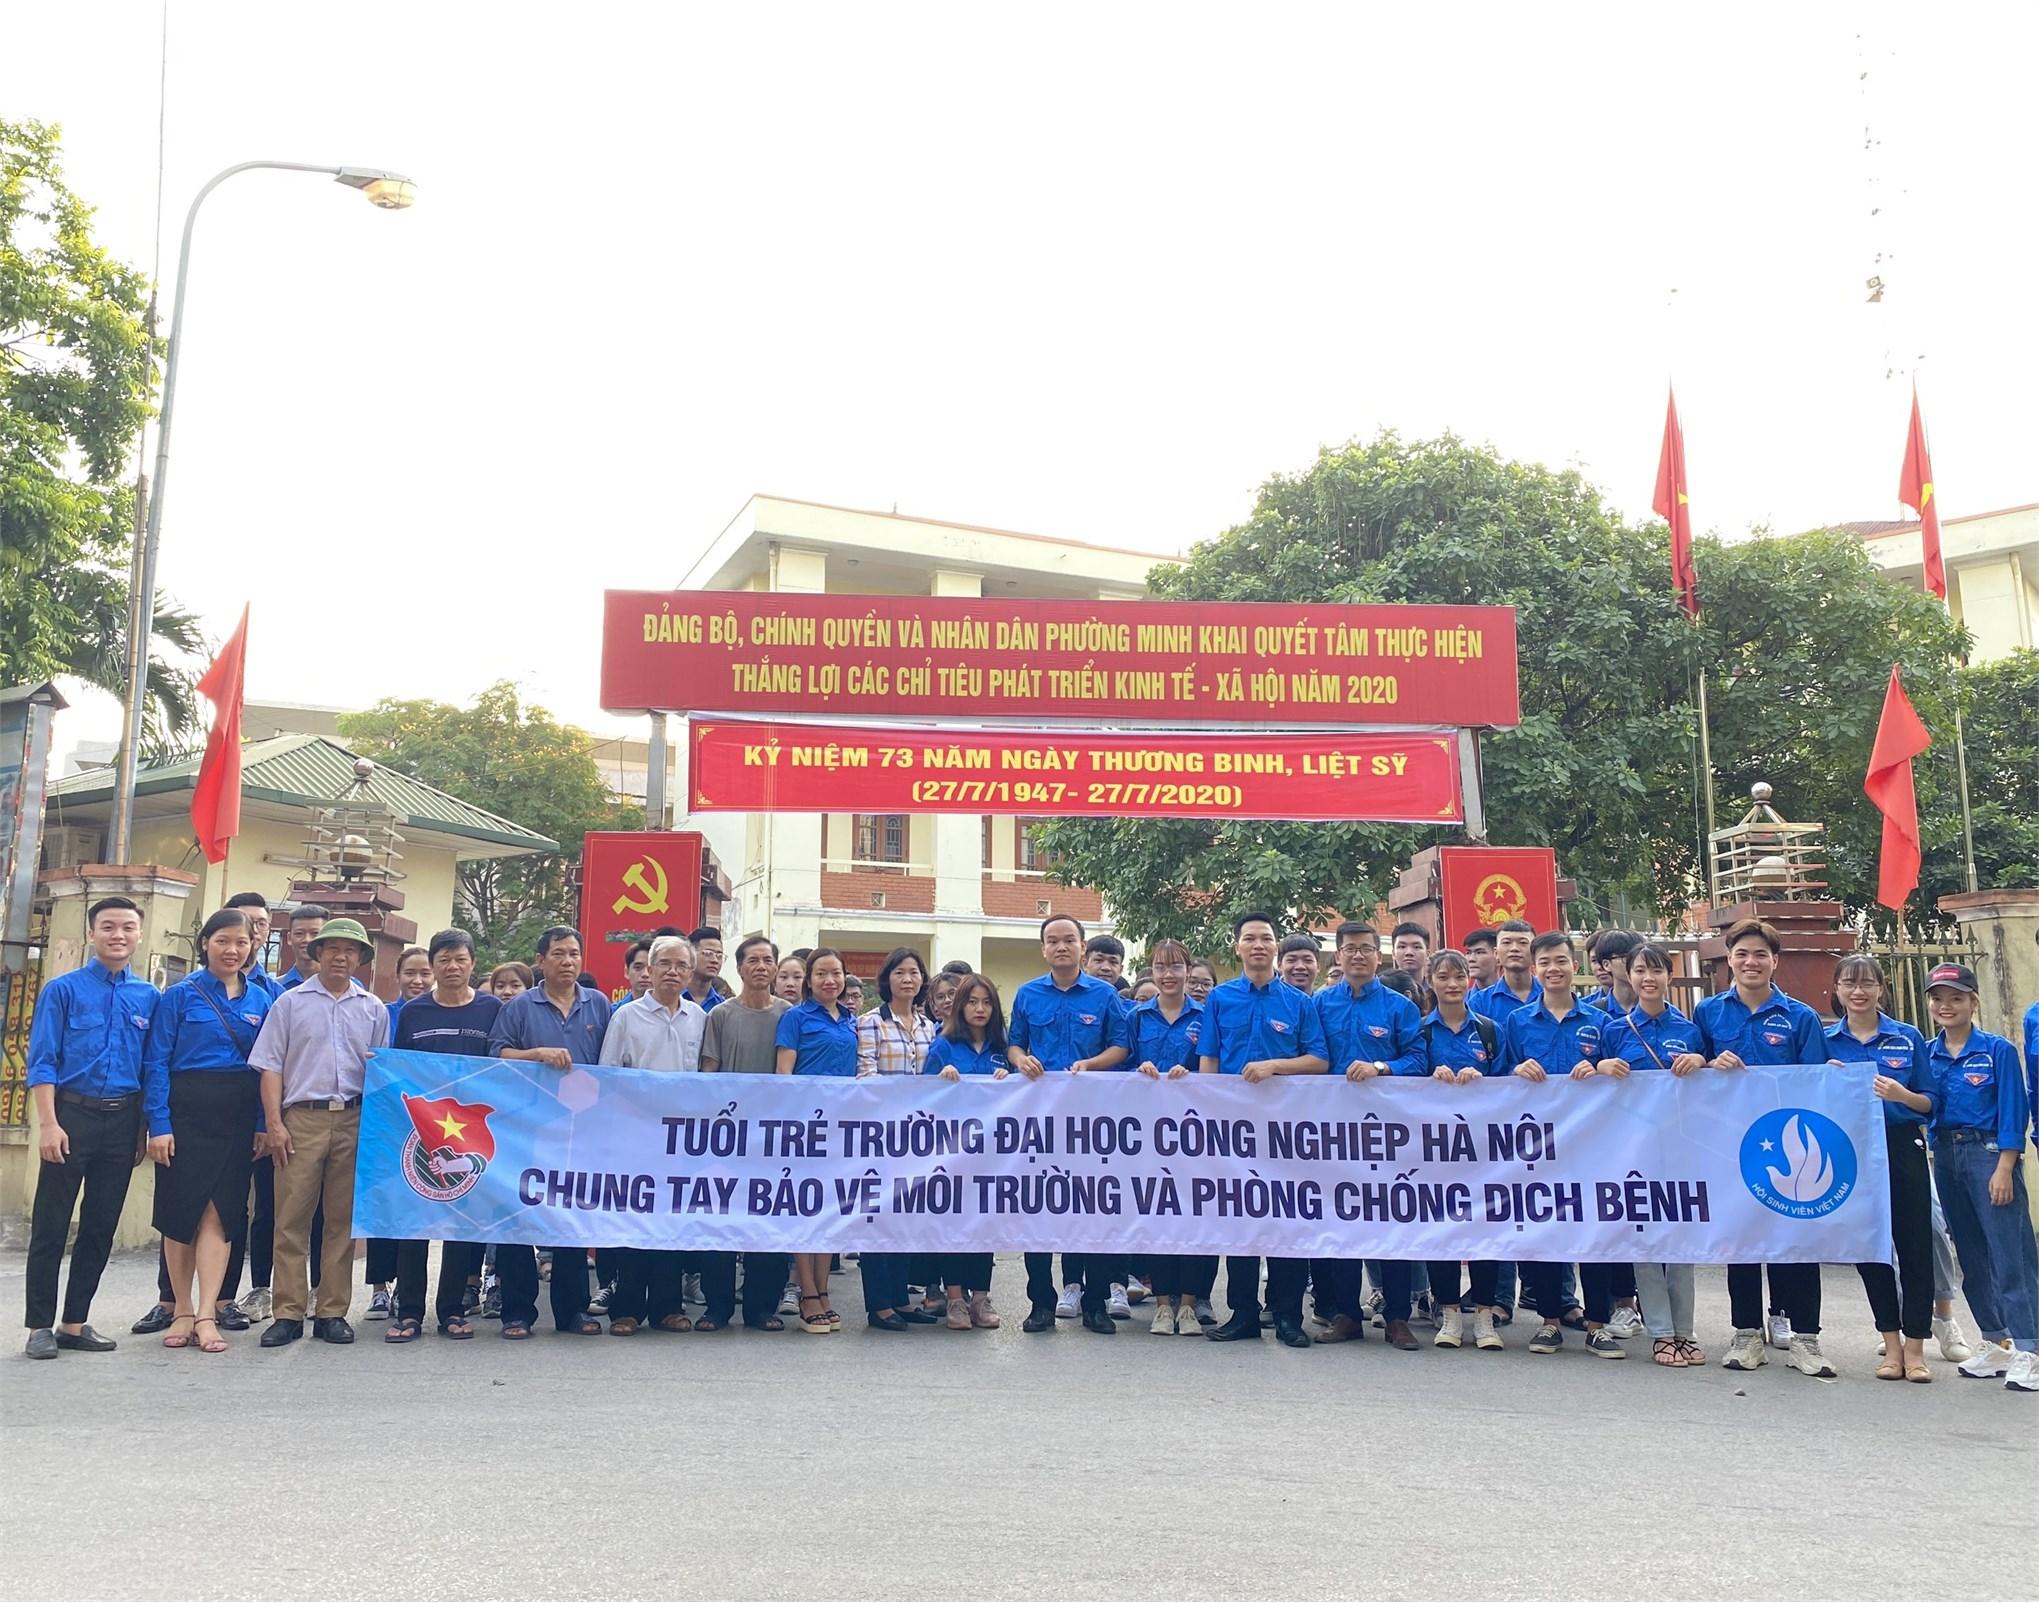 Tuổi trẻ Đại học Công nghiệp Hà Nội ra quân Chiến dịch tình nguyện hè năm 2020